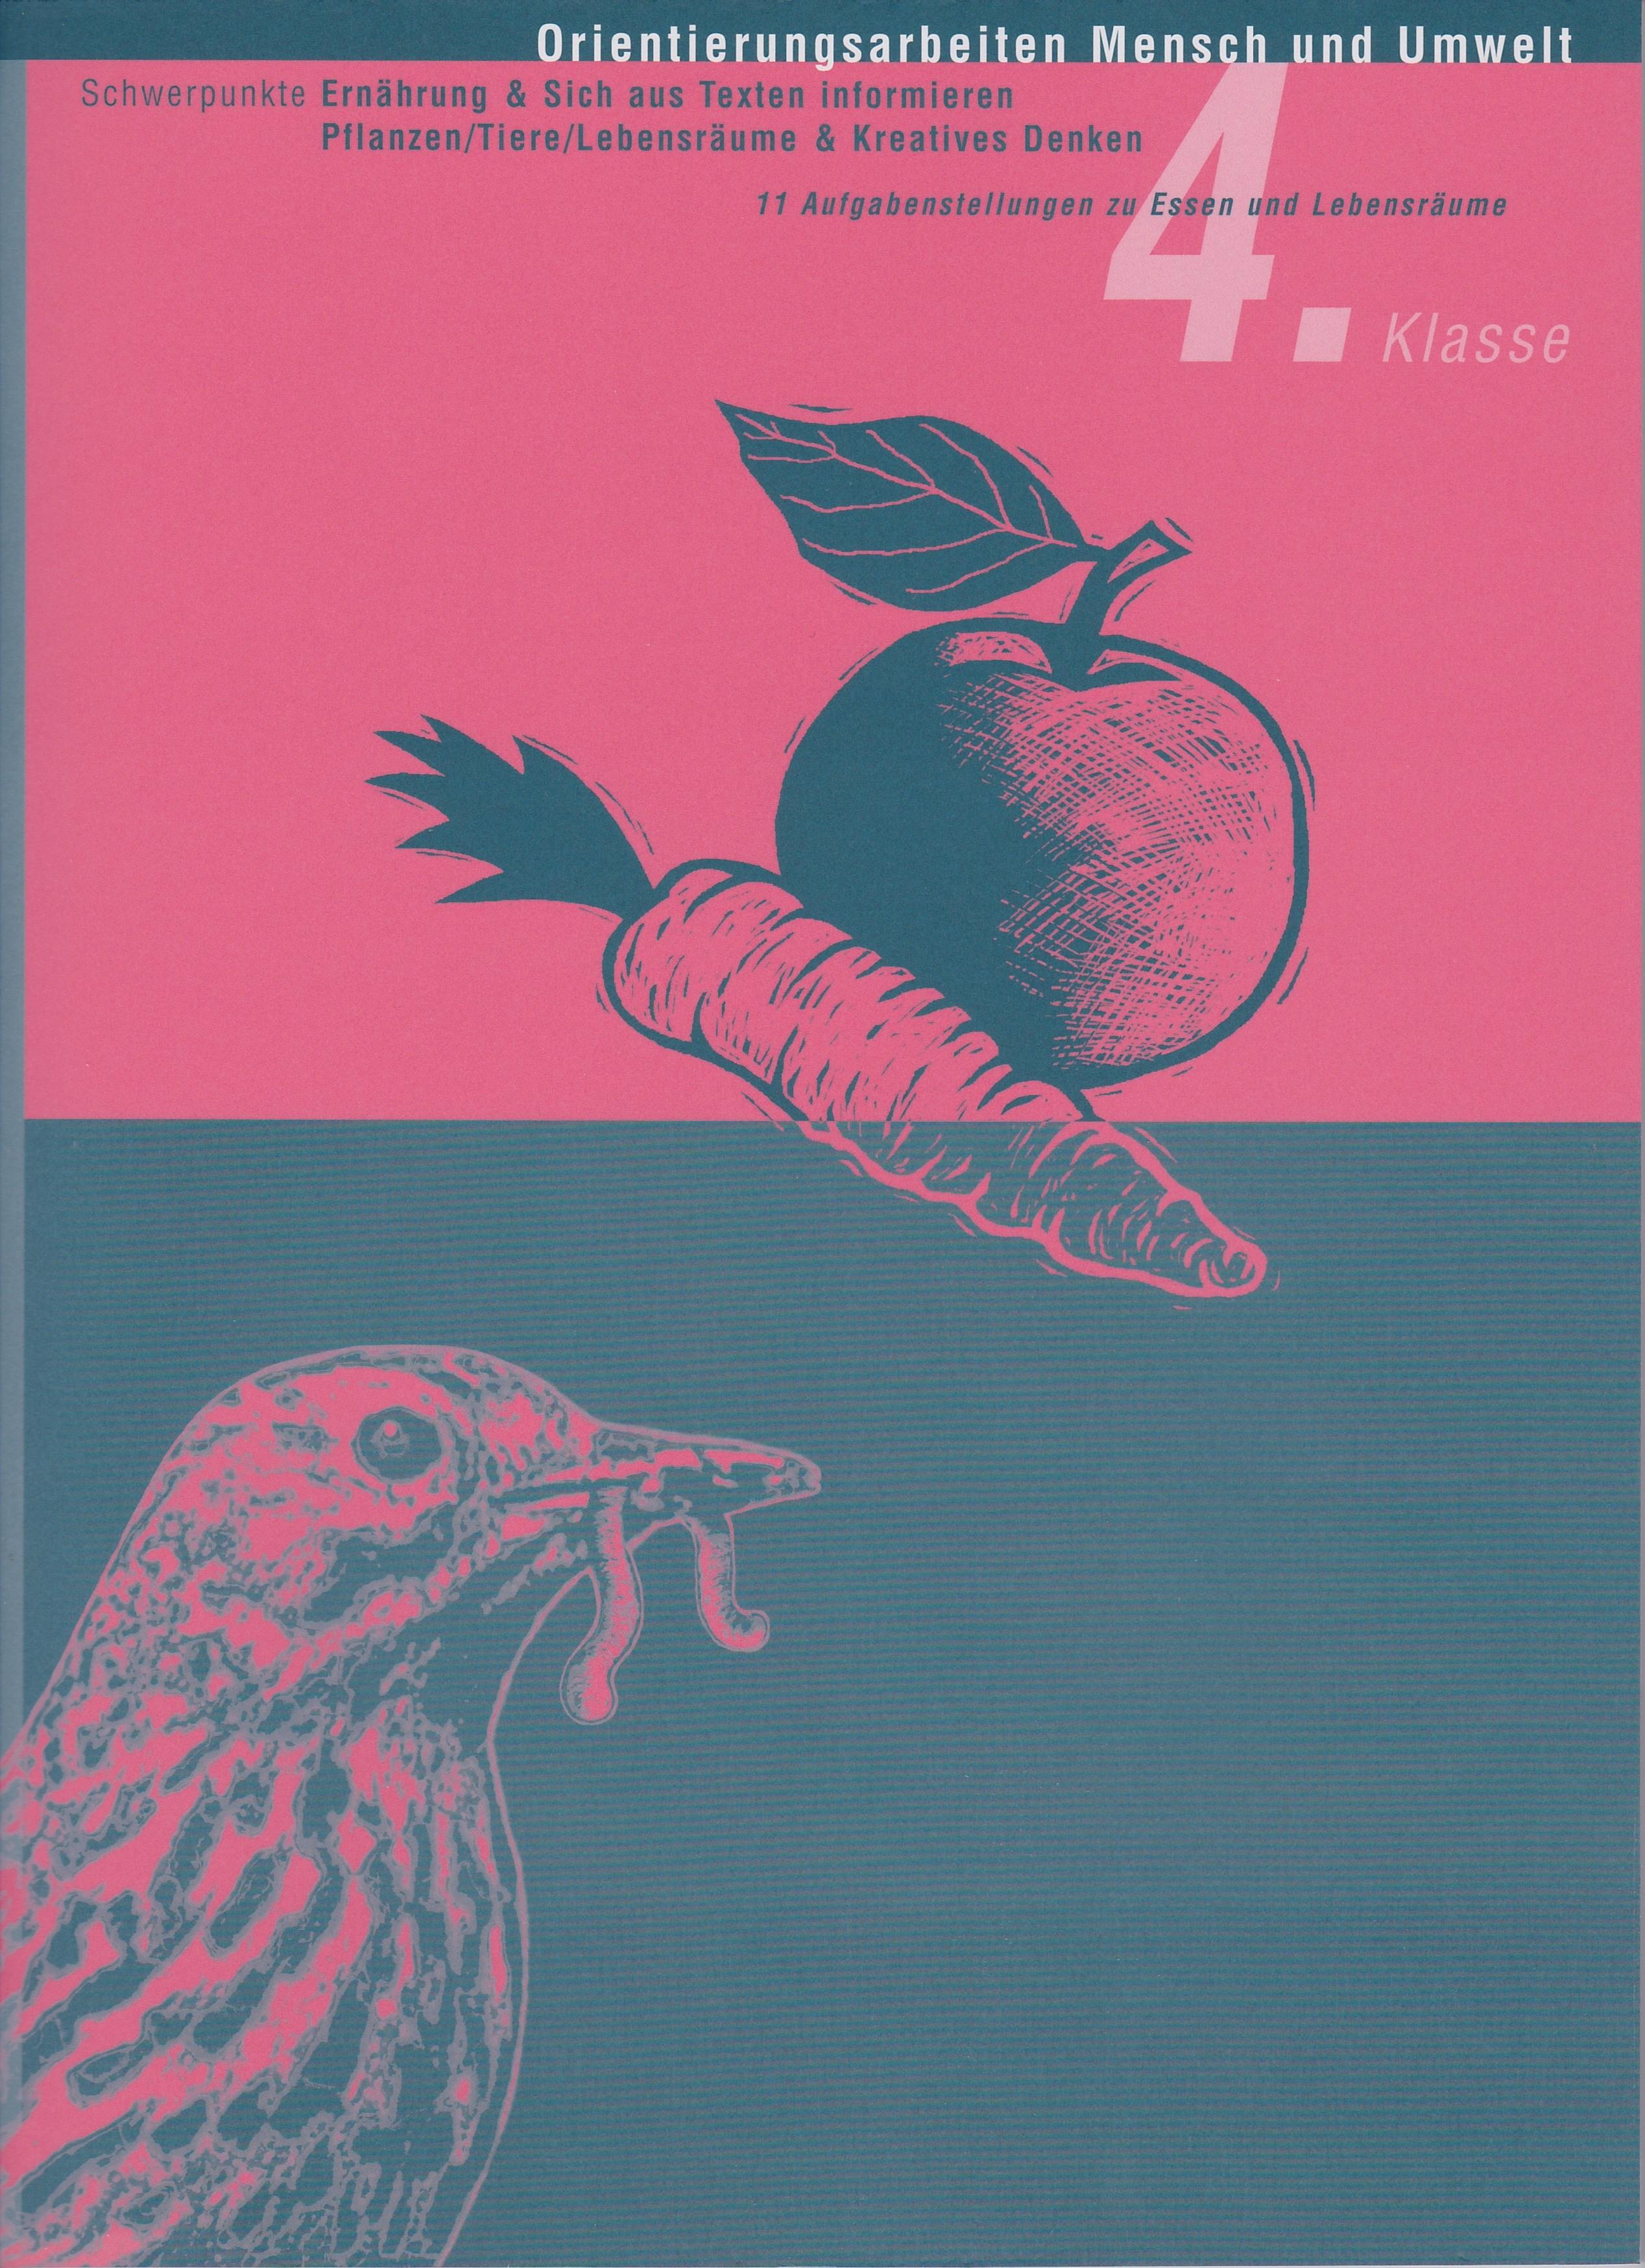 Preview image for LOM object Orientierungsarbeit Mensch und Umwelt 4: Essen und Lebensräume